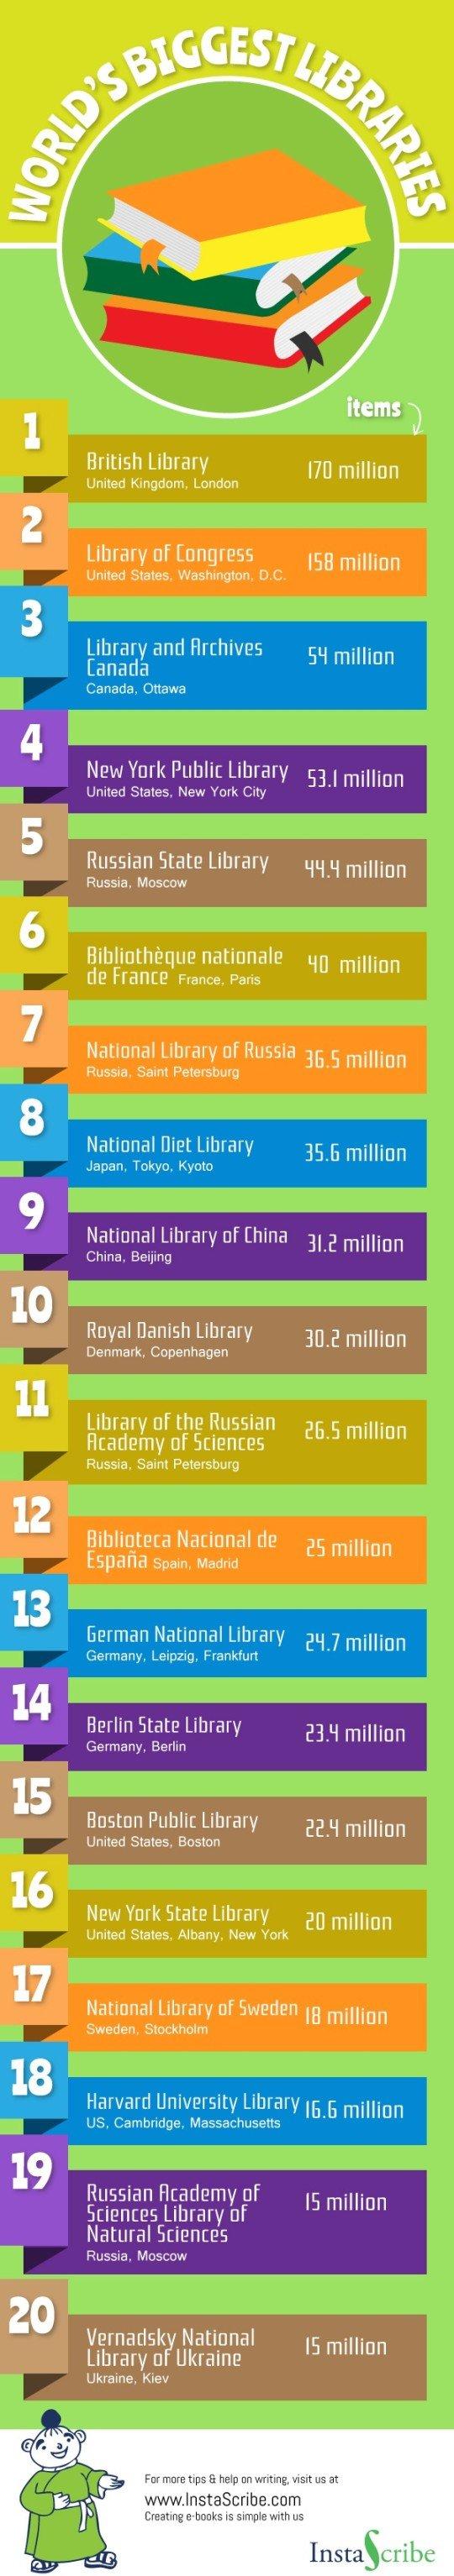 Las 20 bibliotecas más grandes del mundo